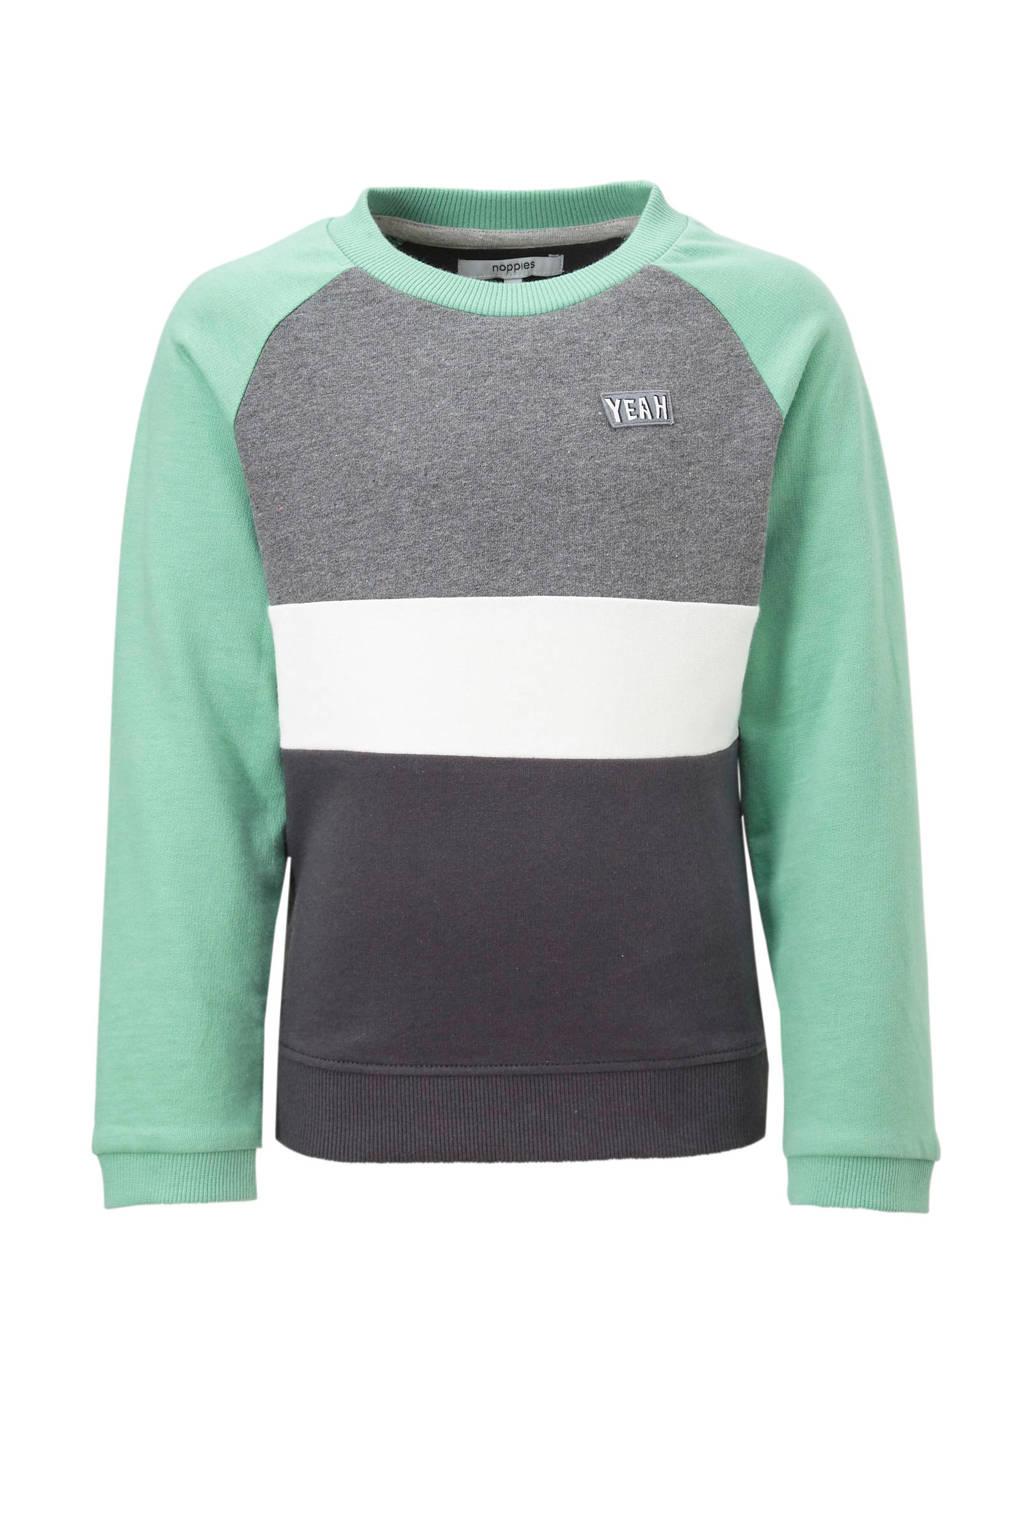 Noppies sweater Perinton, Pastelgroen